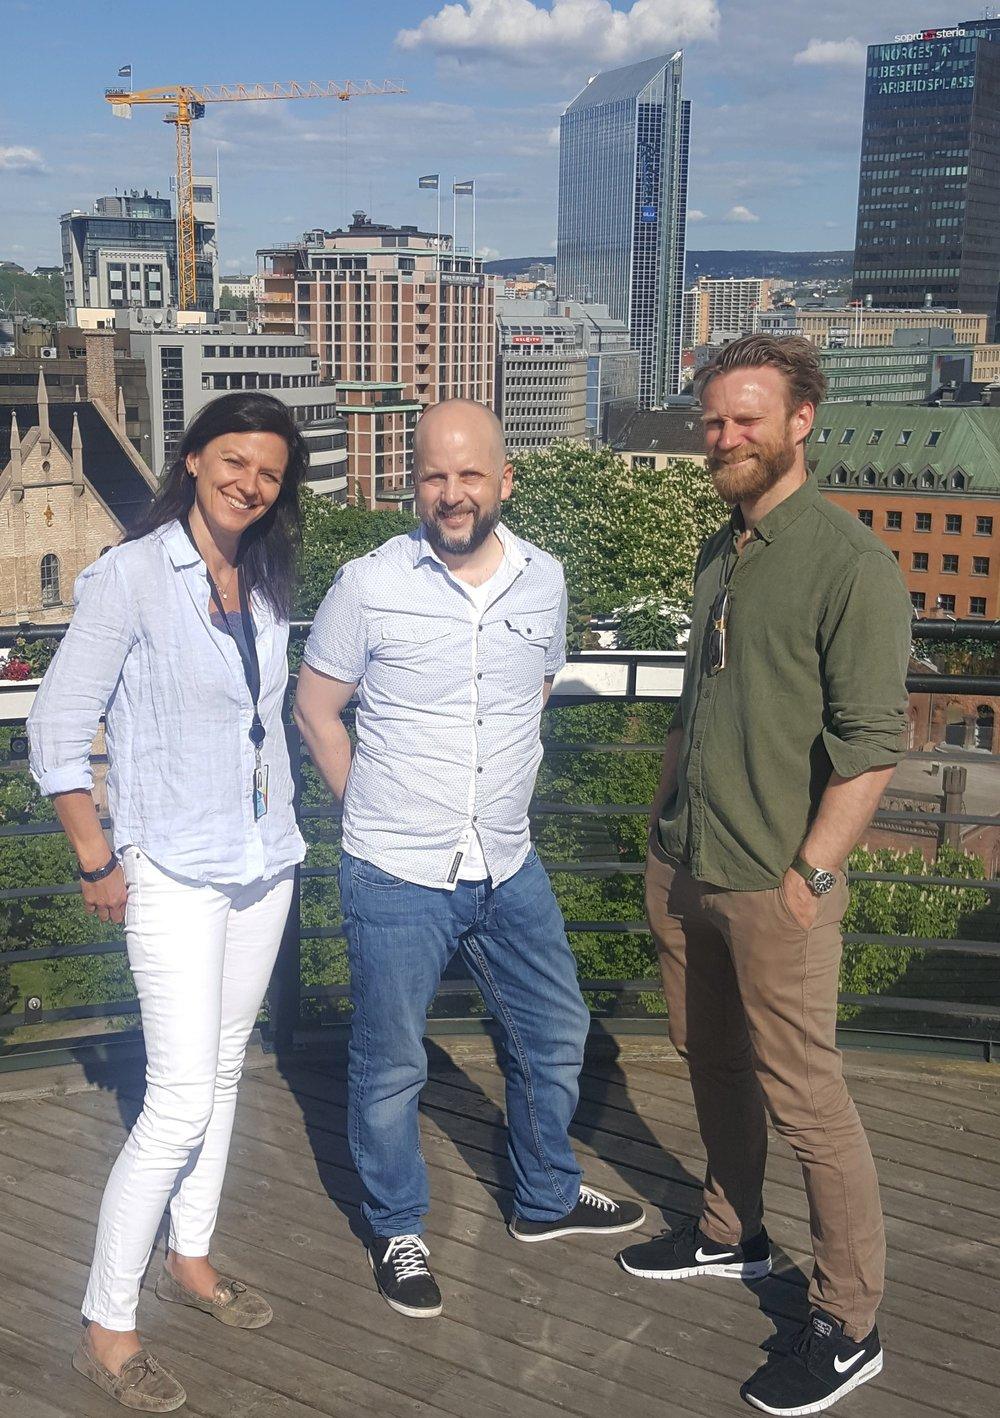 Juryen, fra venstre: Anne Cathrine Gotaas, Jørgen Moltubak og Steffen RM Sørum. Foto: Kjetil Nordengen